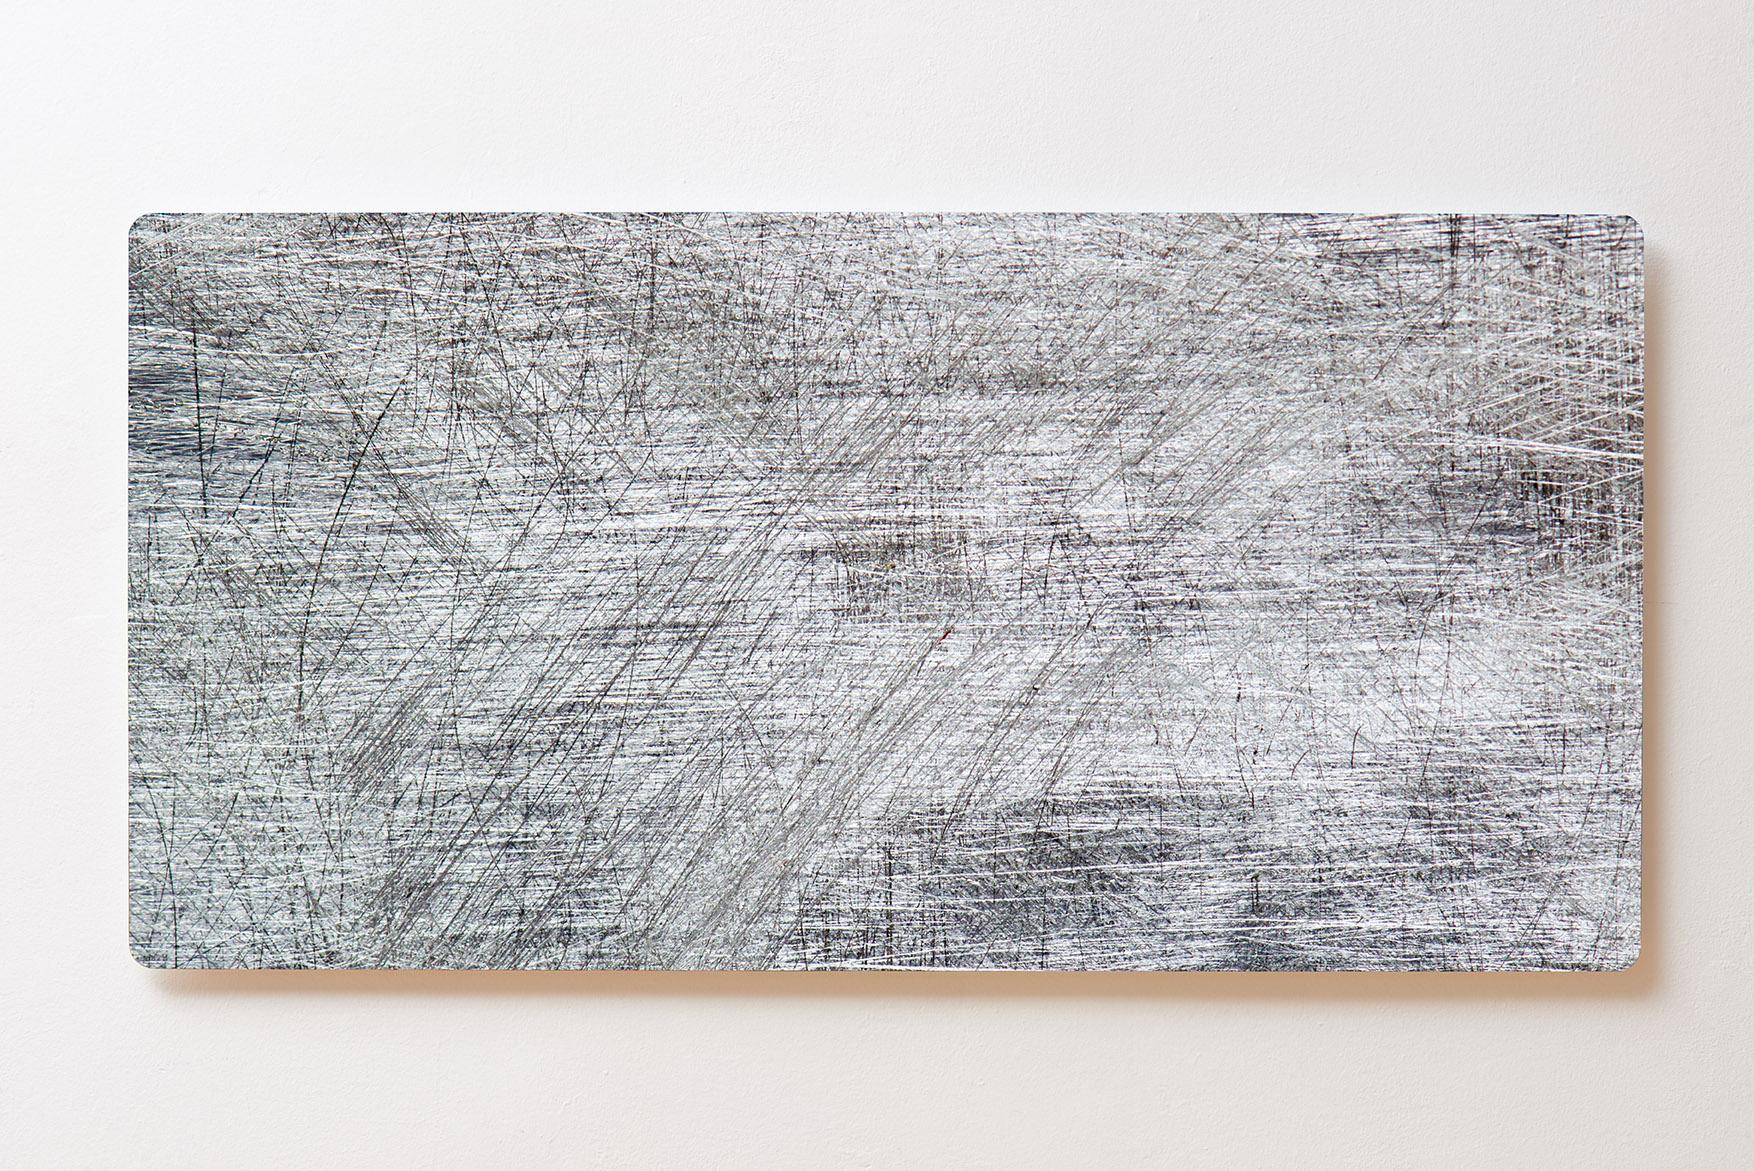 Magnettafel BACKLIGHT 120x60cm Motiv-Wandbild M149 Abstrakt Kunst